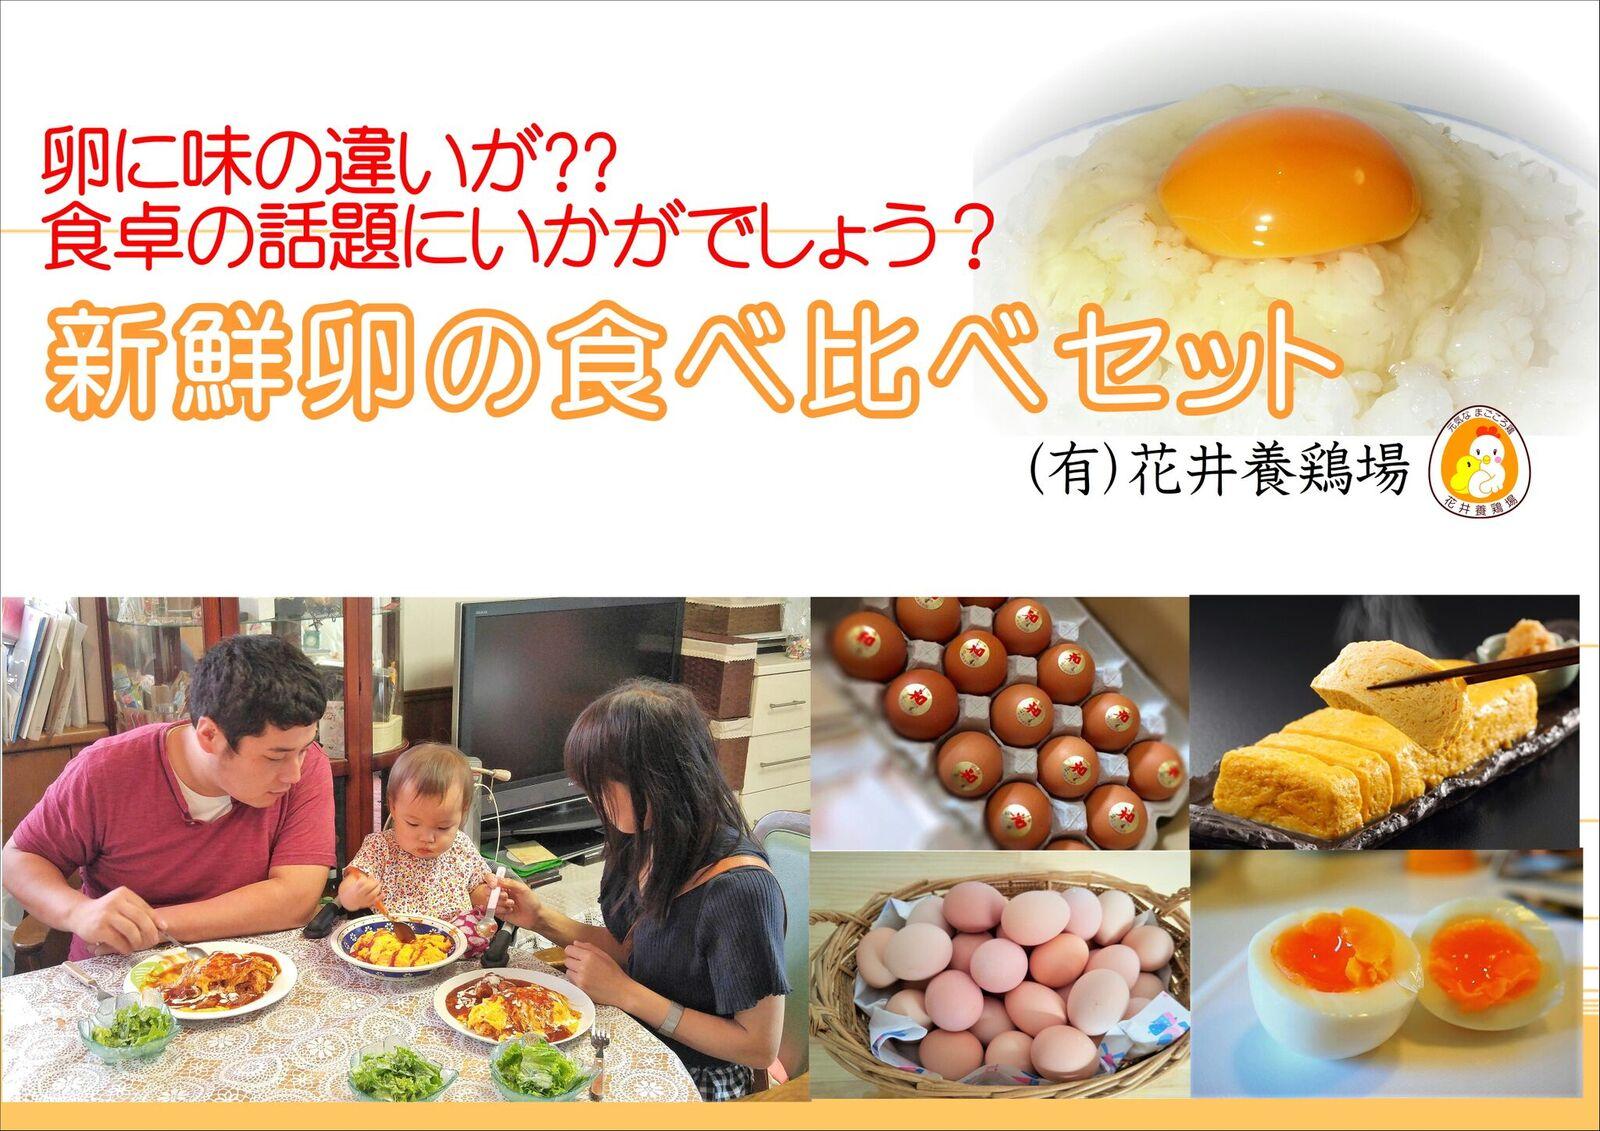 卵に味の違いが!!?? 家族団らんの話題に新鮮たまごの食べ比べセット(10個×3種類)